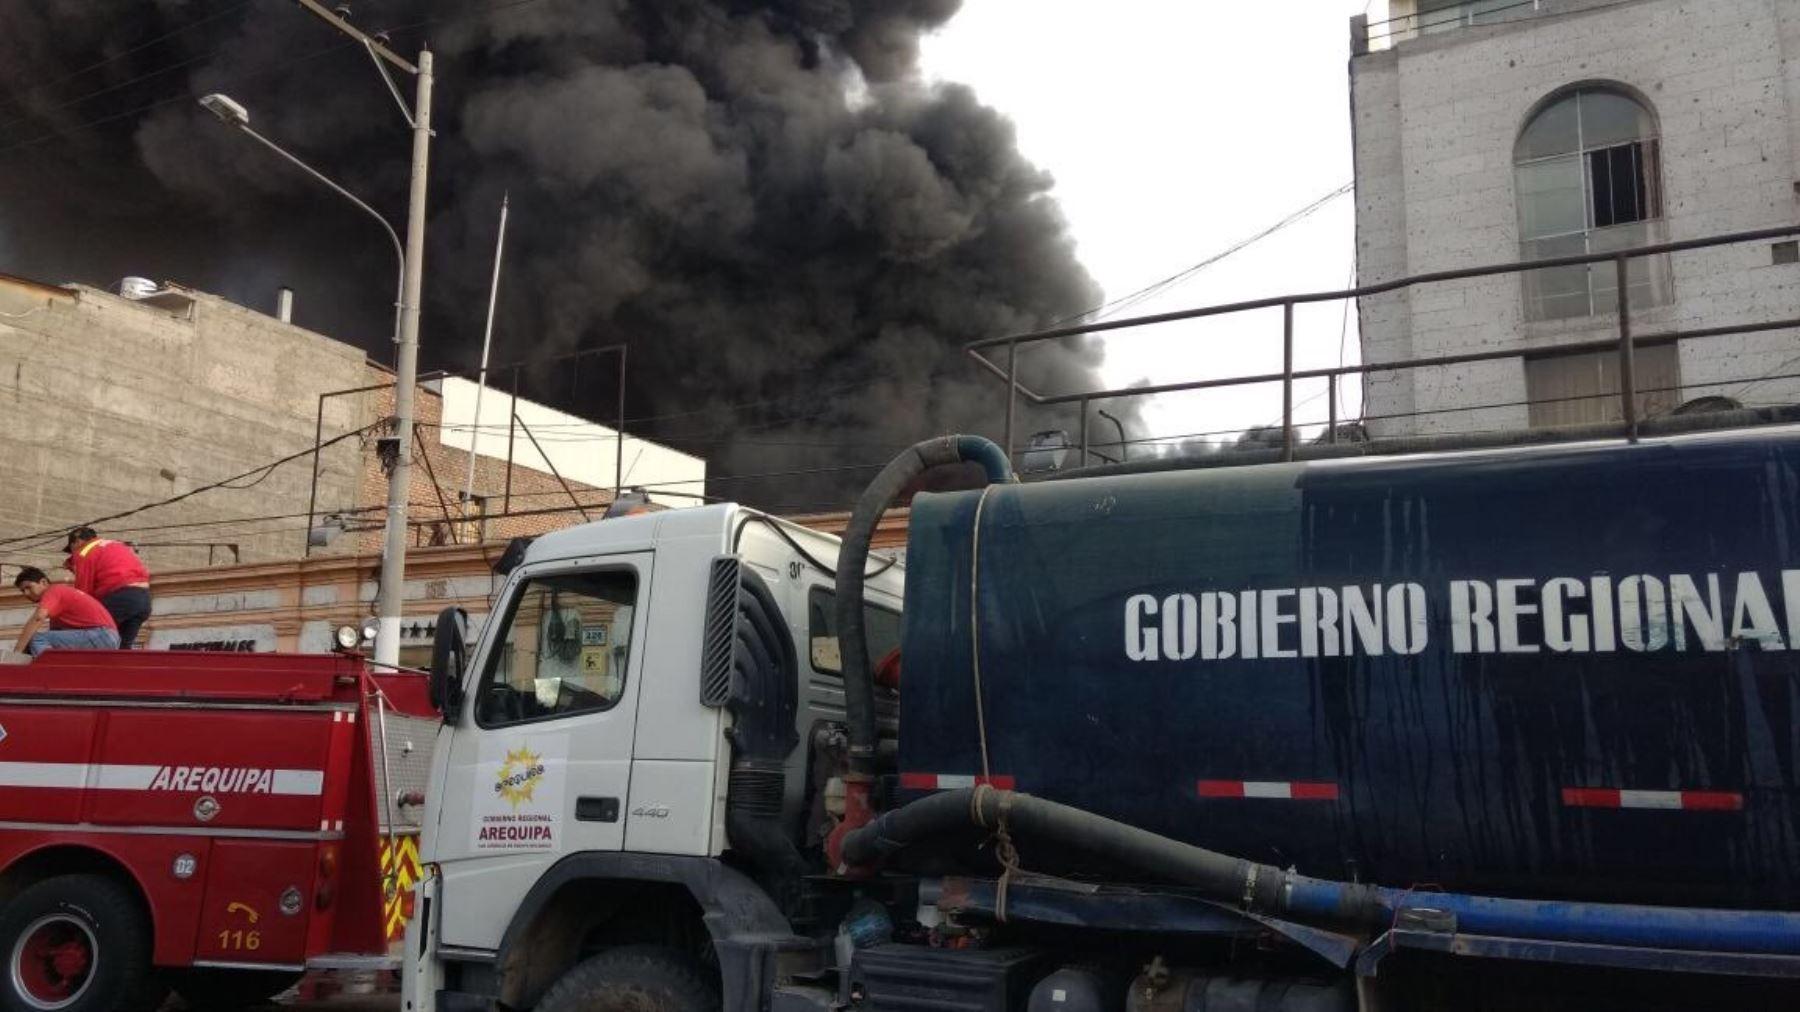 Gobierno regional de Arequipa apoya con cisterna para apagar incendio en calle San Camilo,cerca de la plaza de Armas de la ciudad.